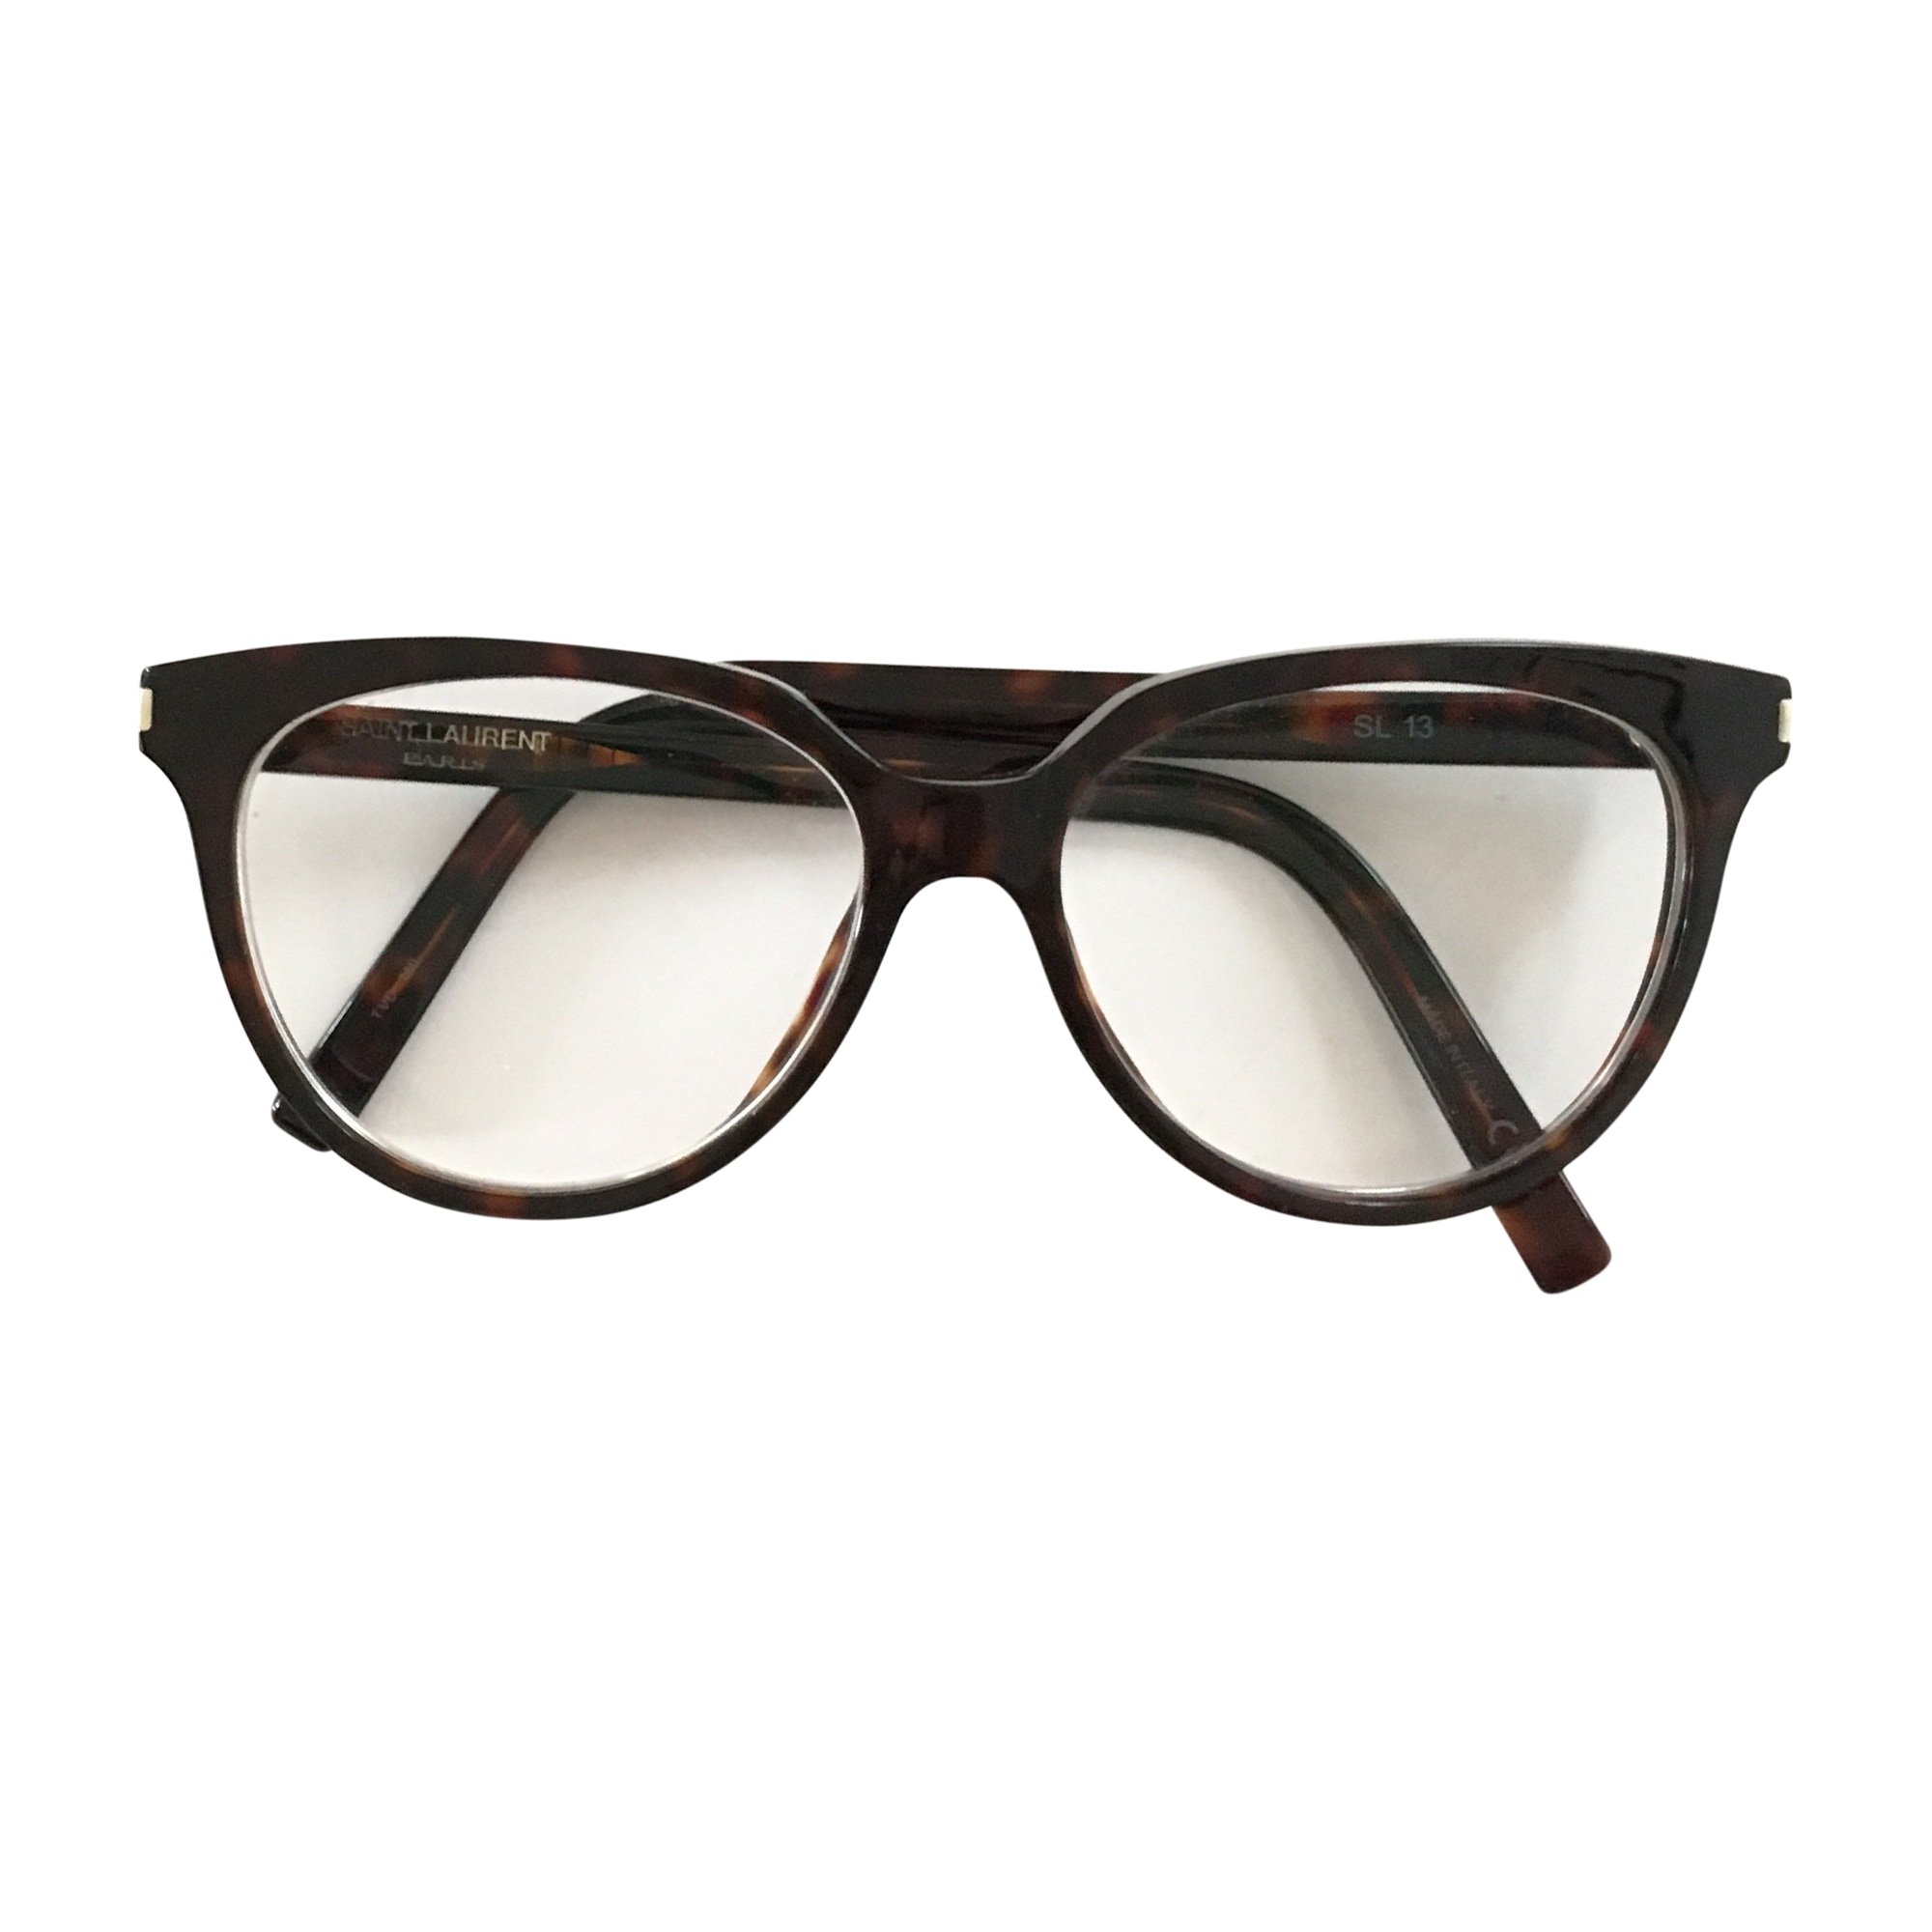 monture de lunettes saint laurent marron vendu par mariceline 5345128. Black Bedroom Furniture Sets. Home Design Ideas